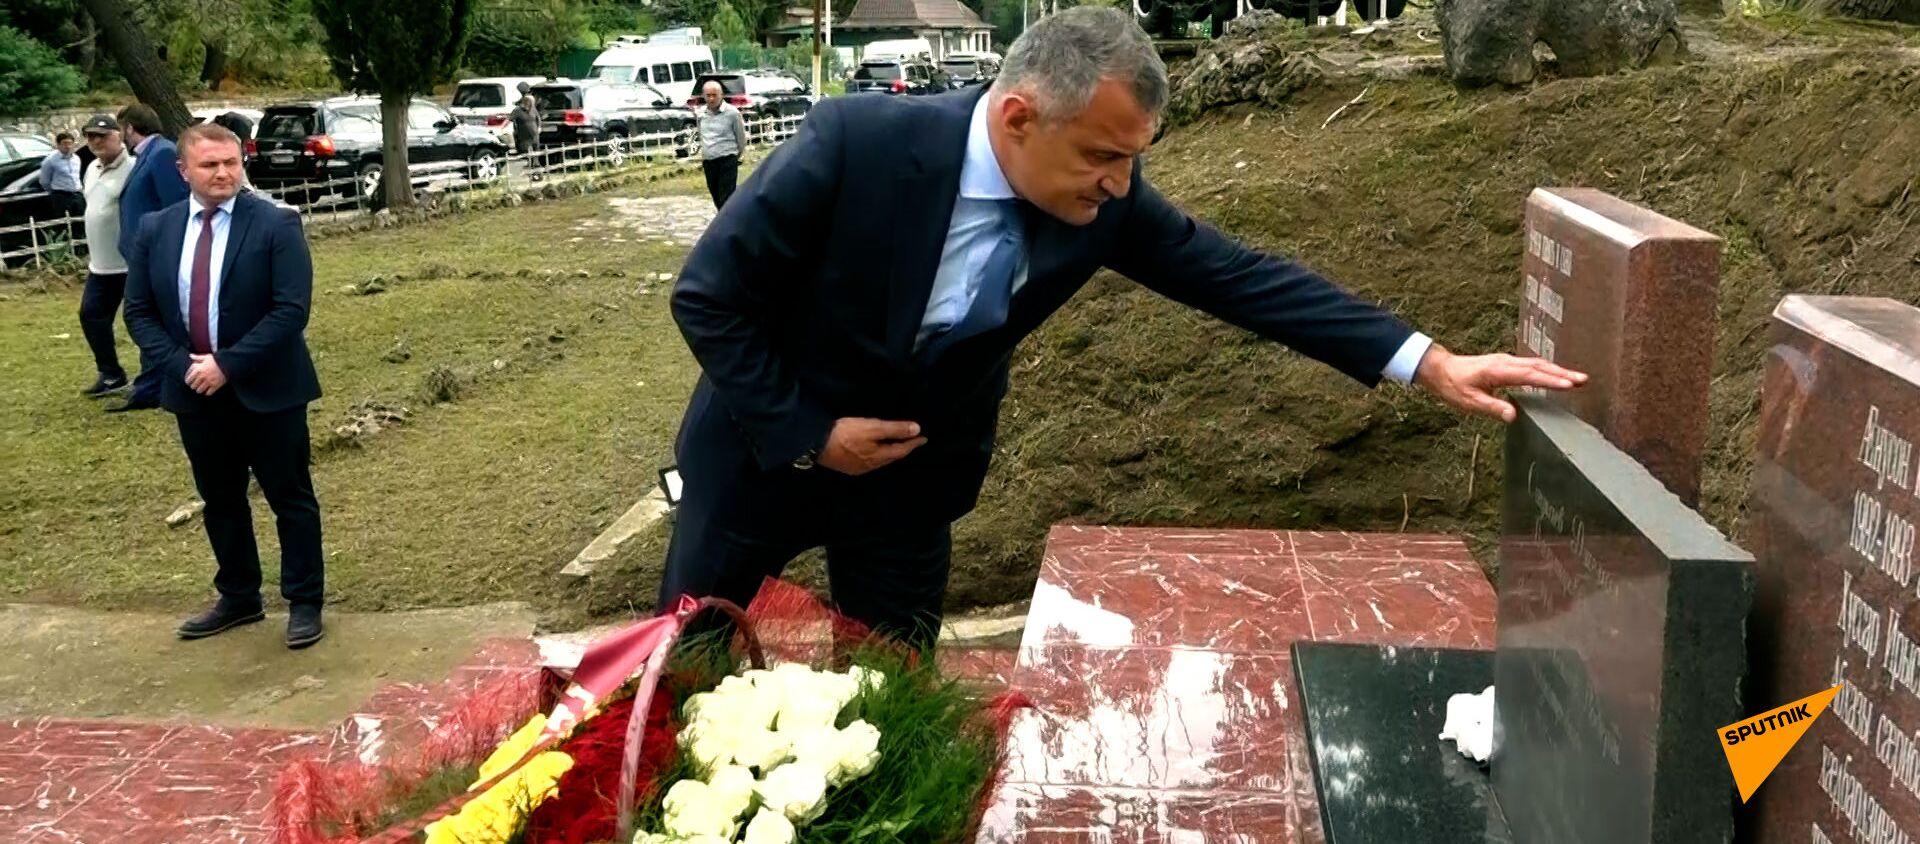 Встреча на границе и дань памяти добровольцам: как начался визит Бибилова в Абхазию – видео - Sputnik Южная Осетия, 1920, 27.09.2021